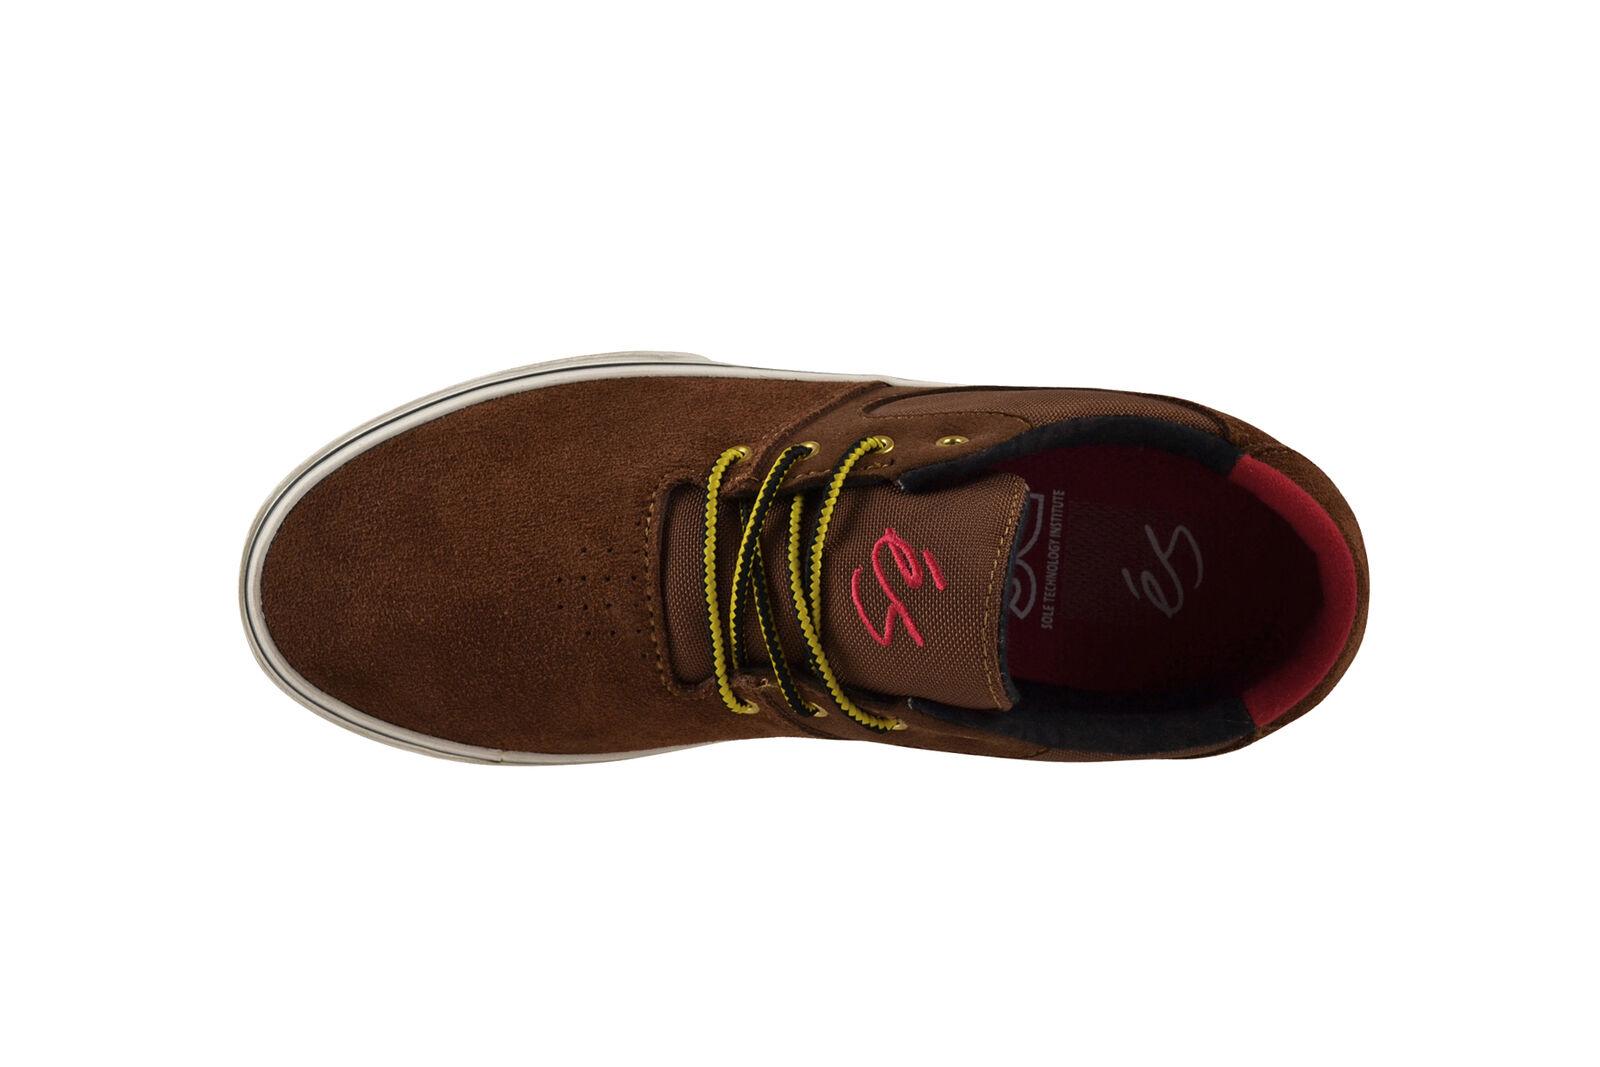 ES Accel SQ Braun tan Sneaker Schuhe Schuhe Schuhe braun ed265c